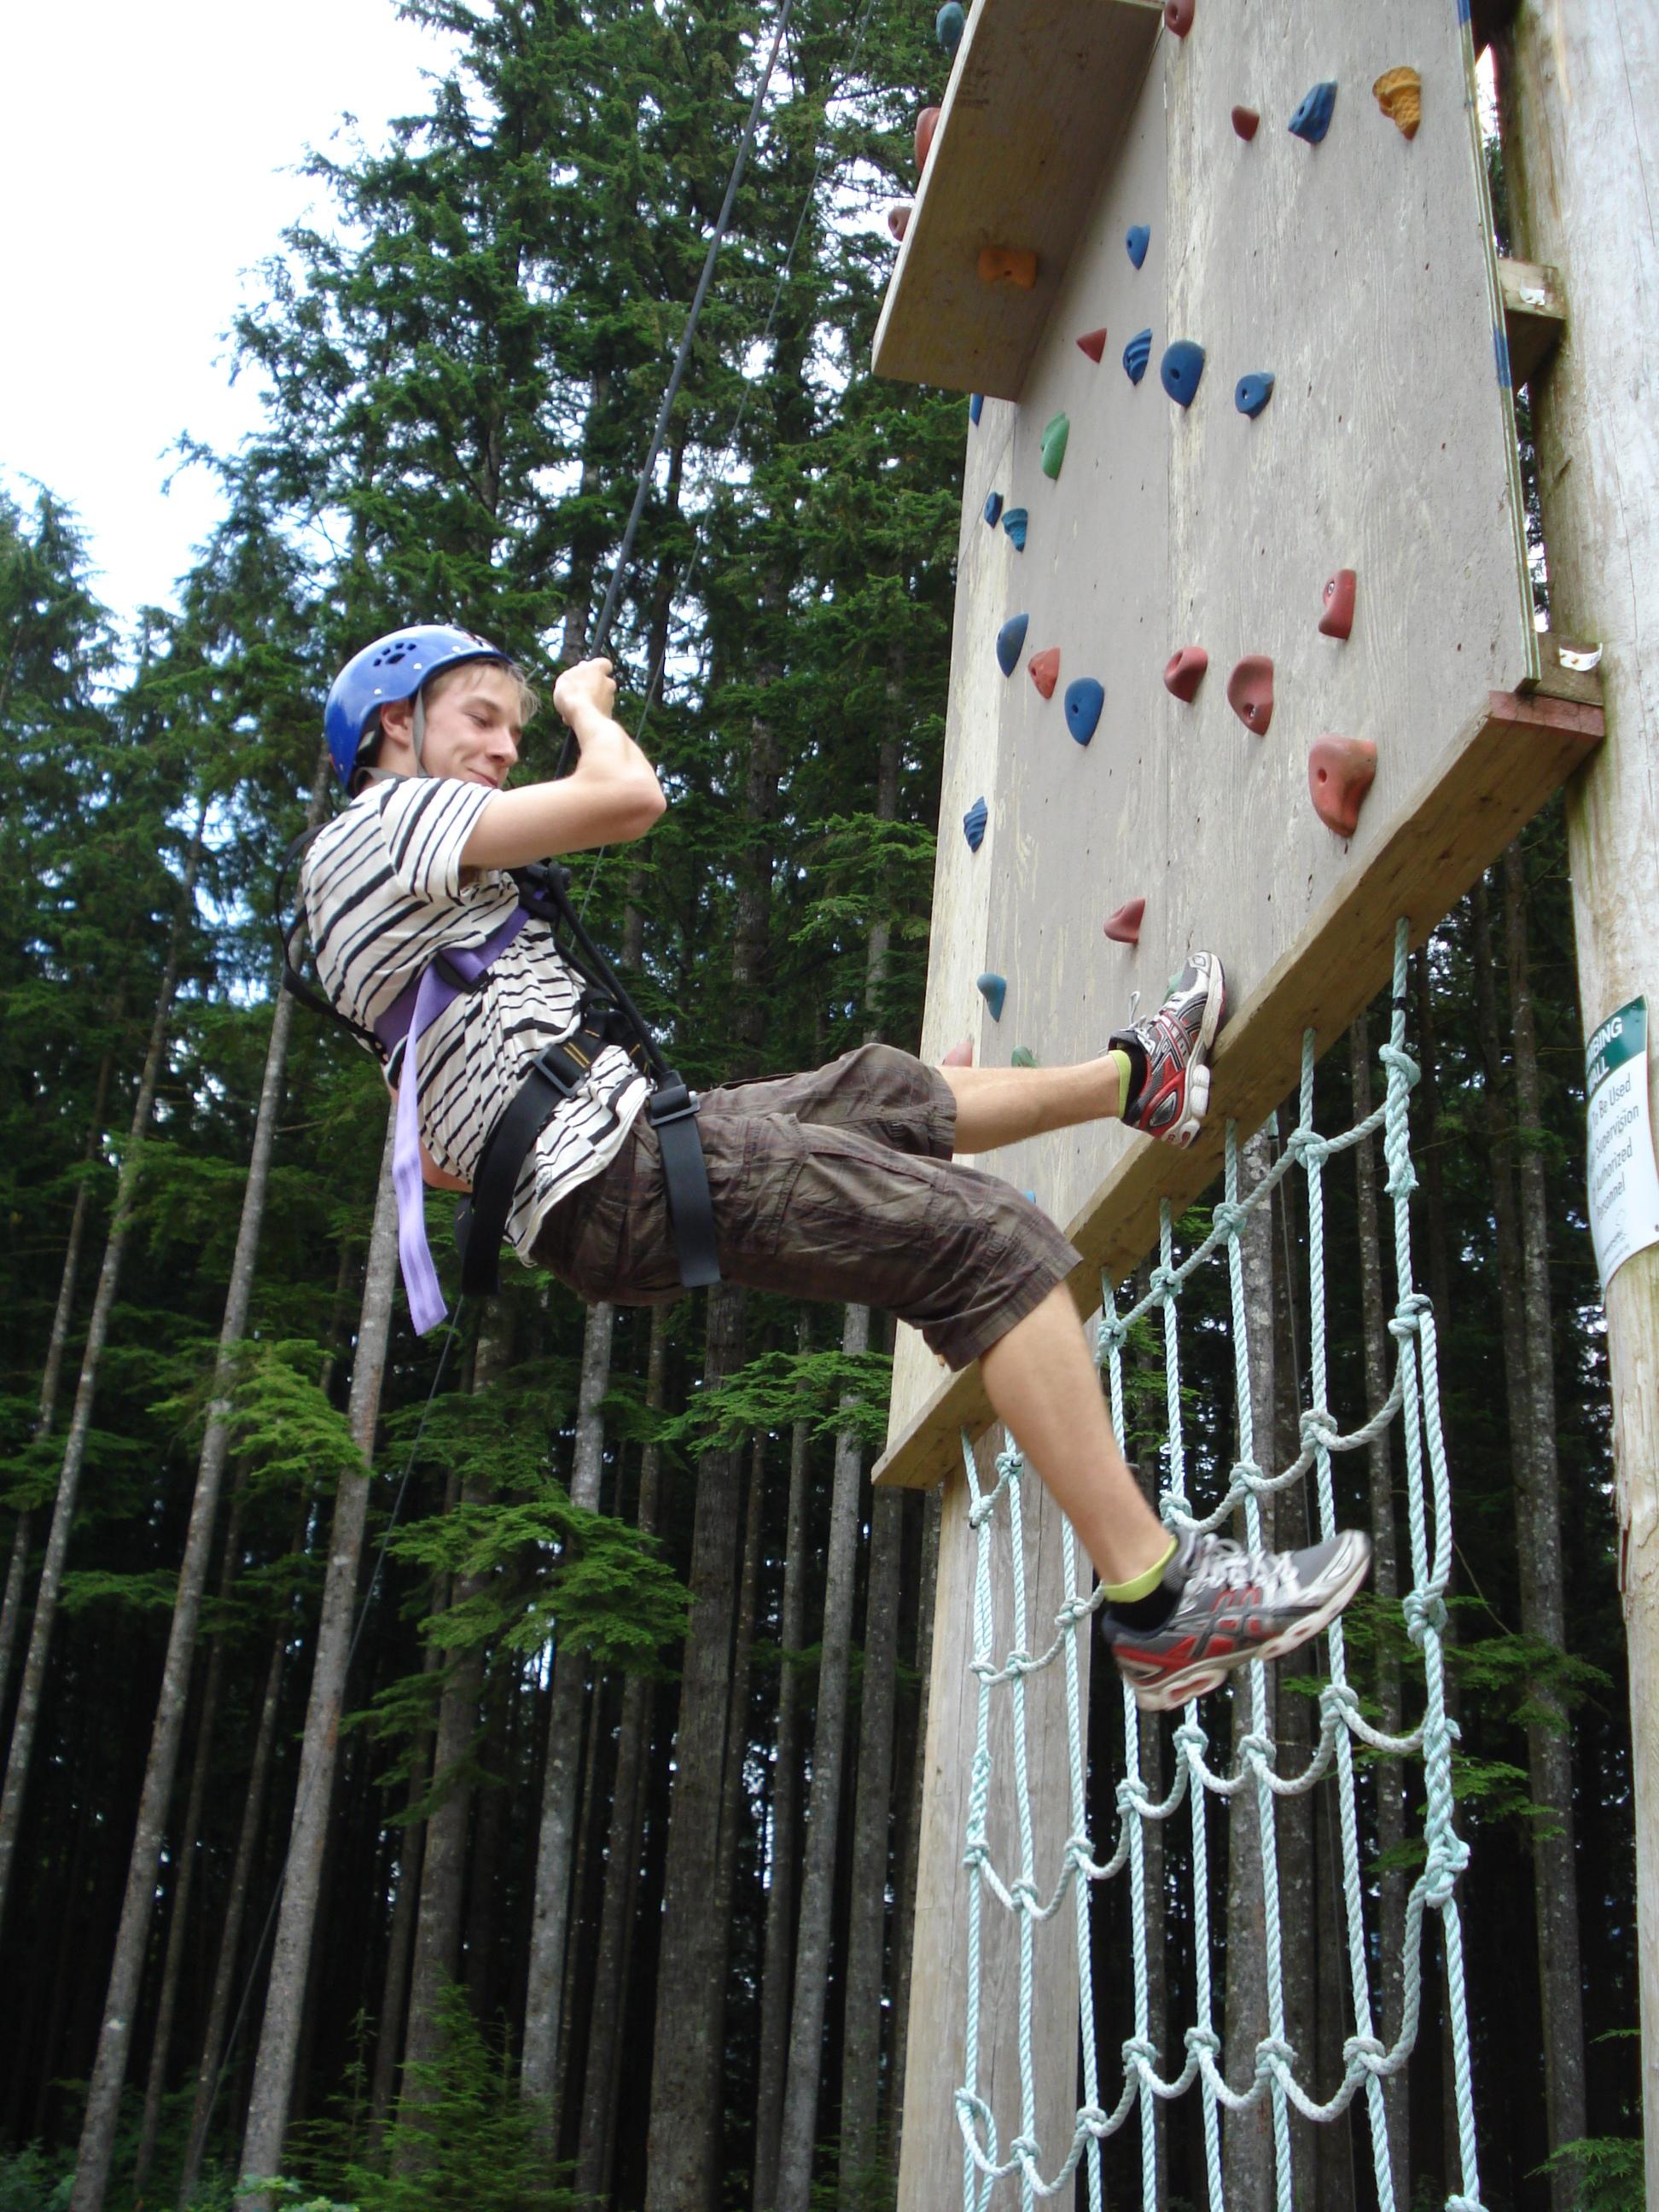 zajac-rockclimbing-3